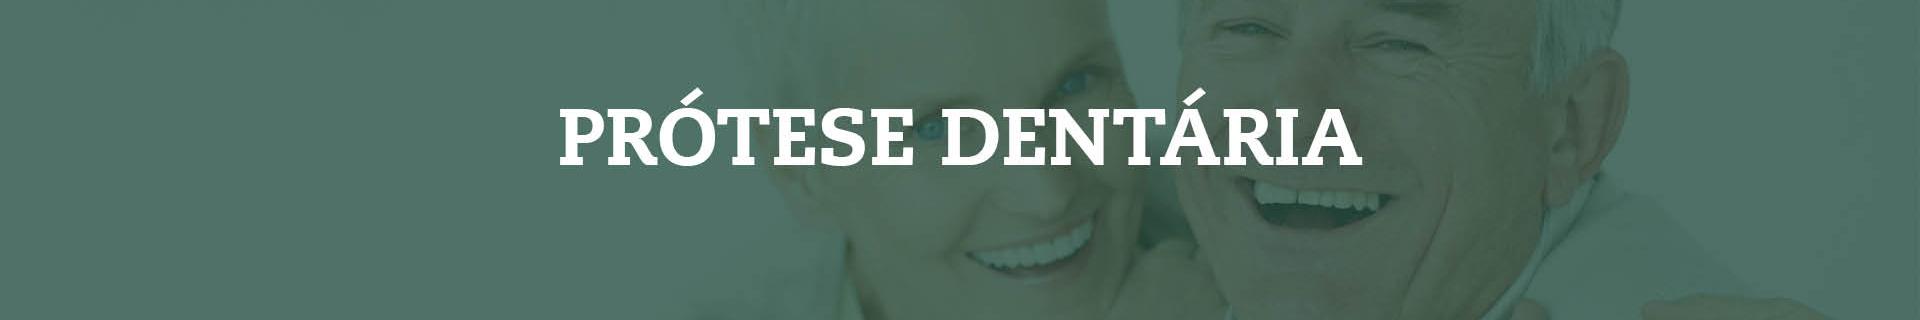 protese-dentaria-implantomed-brasilia